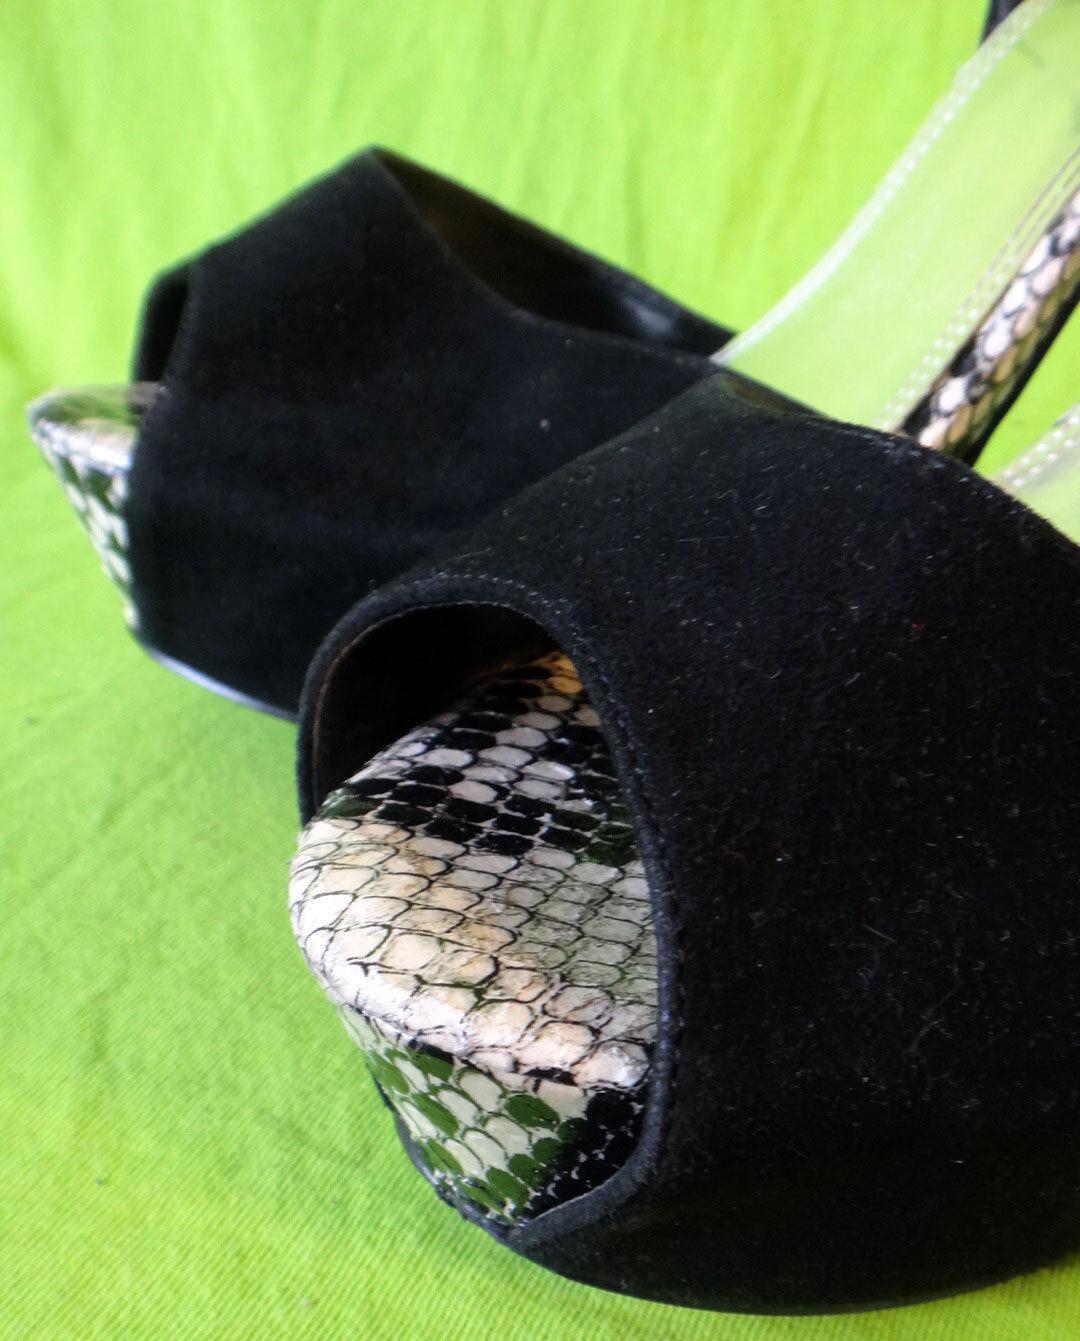 BAKERS Stilleto high heel strap platform SNAKE skin ankle strap heel 11M stripper suede 5in e988d5